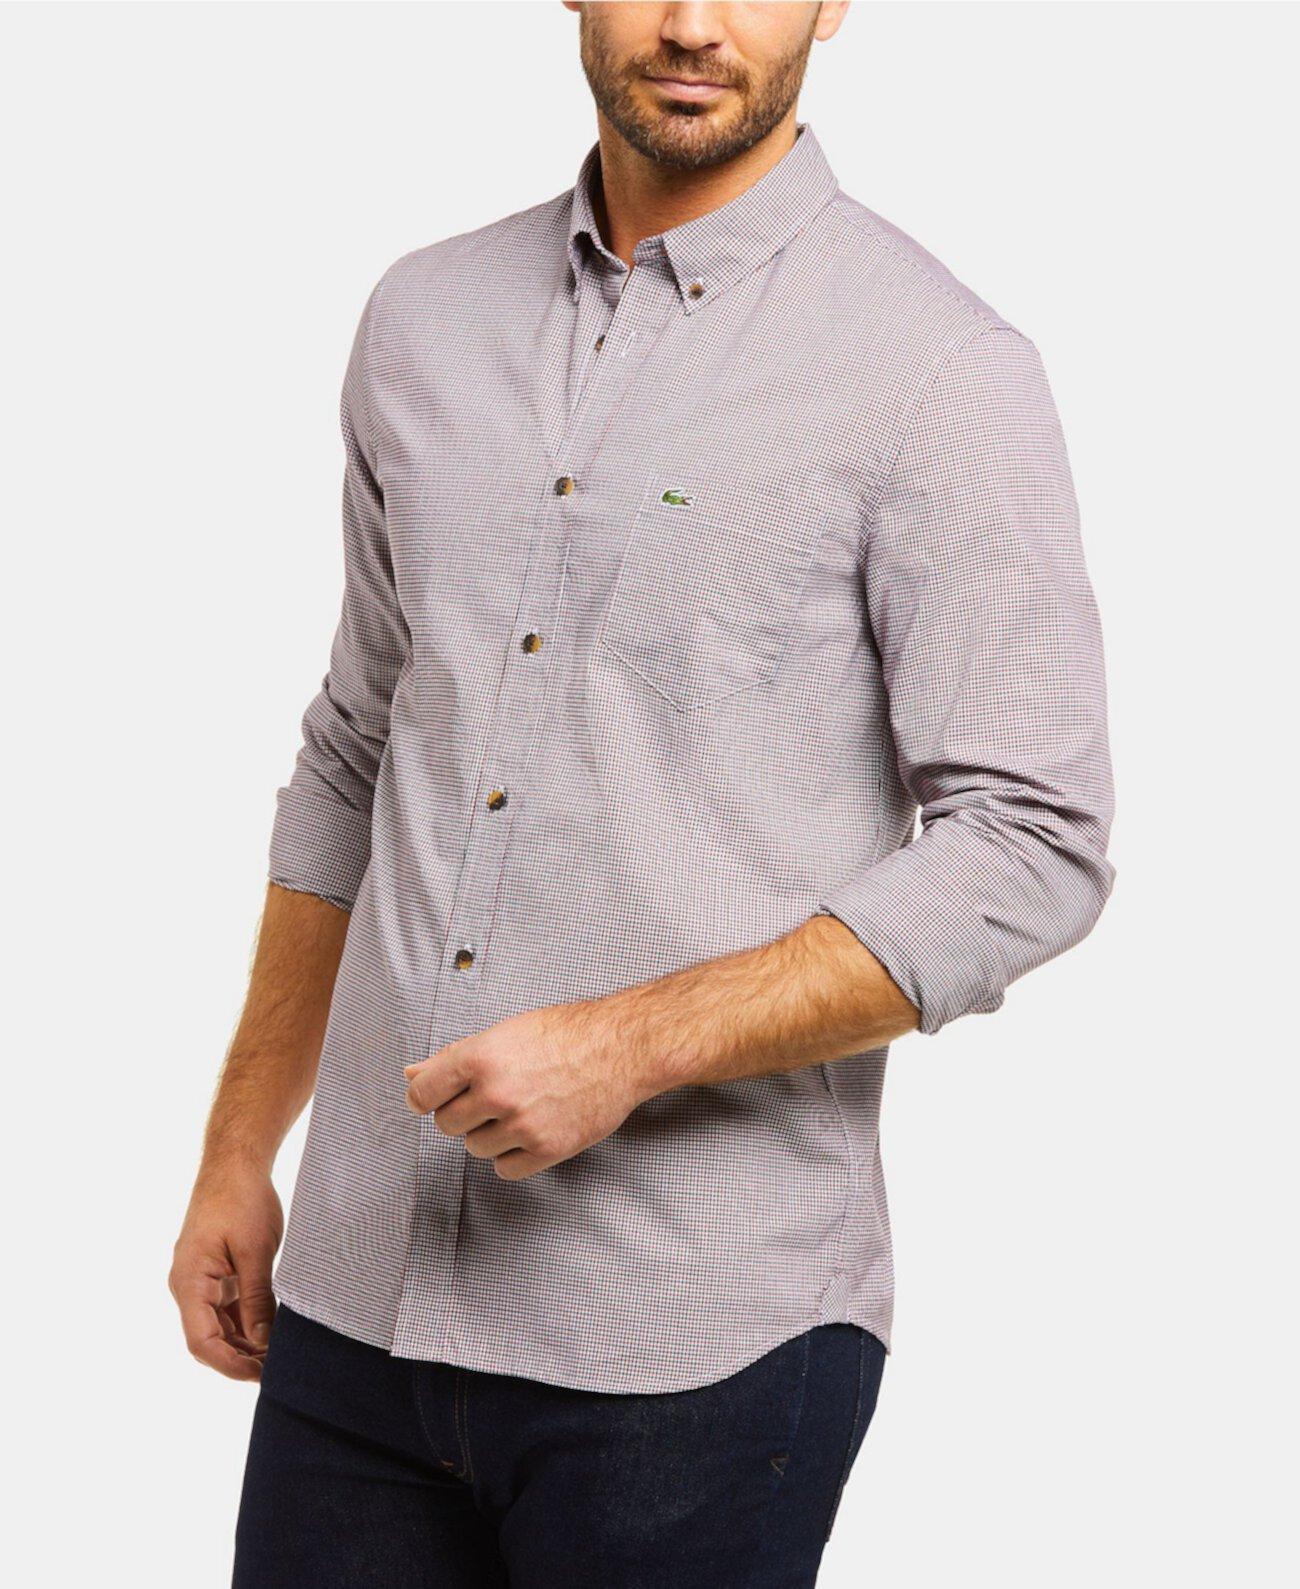 Мужская рубашка в клетку в клетку с длинным рукавом в клетку Lacoste